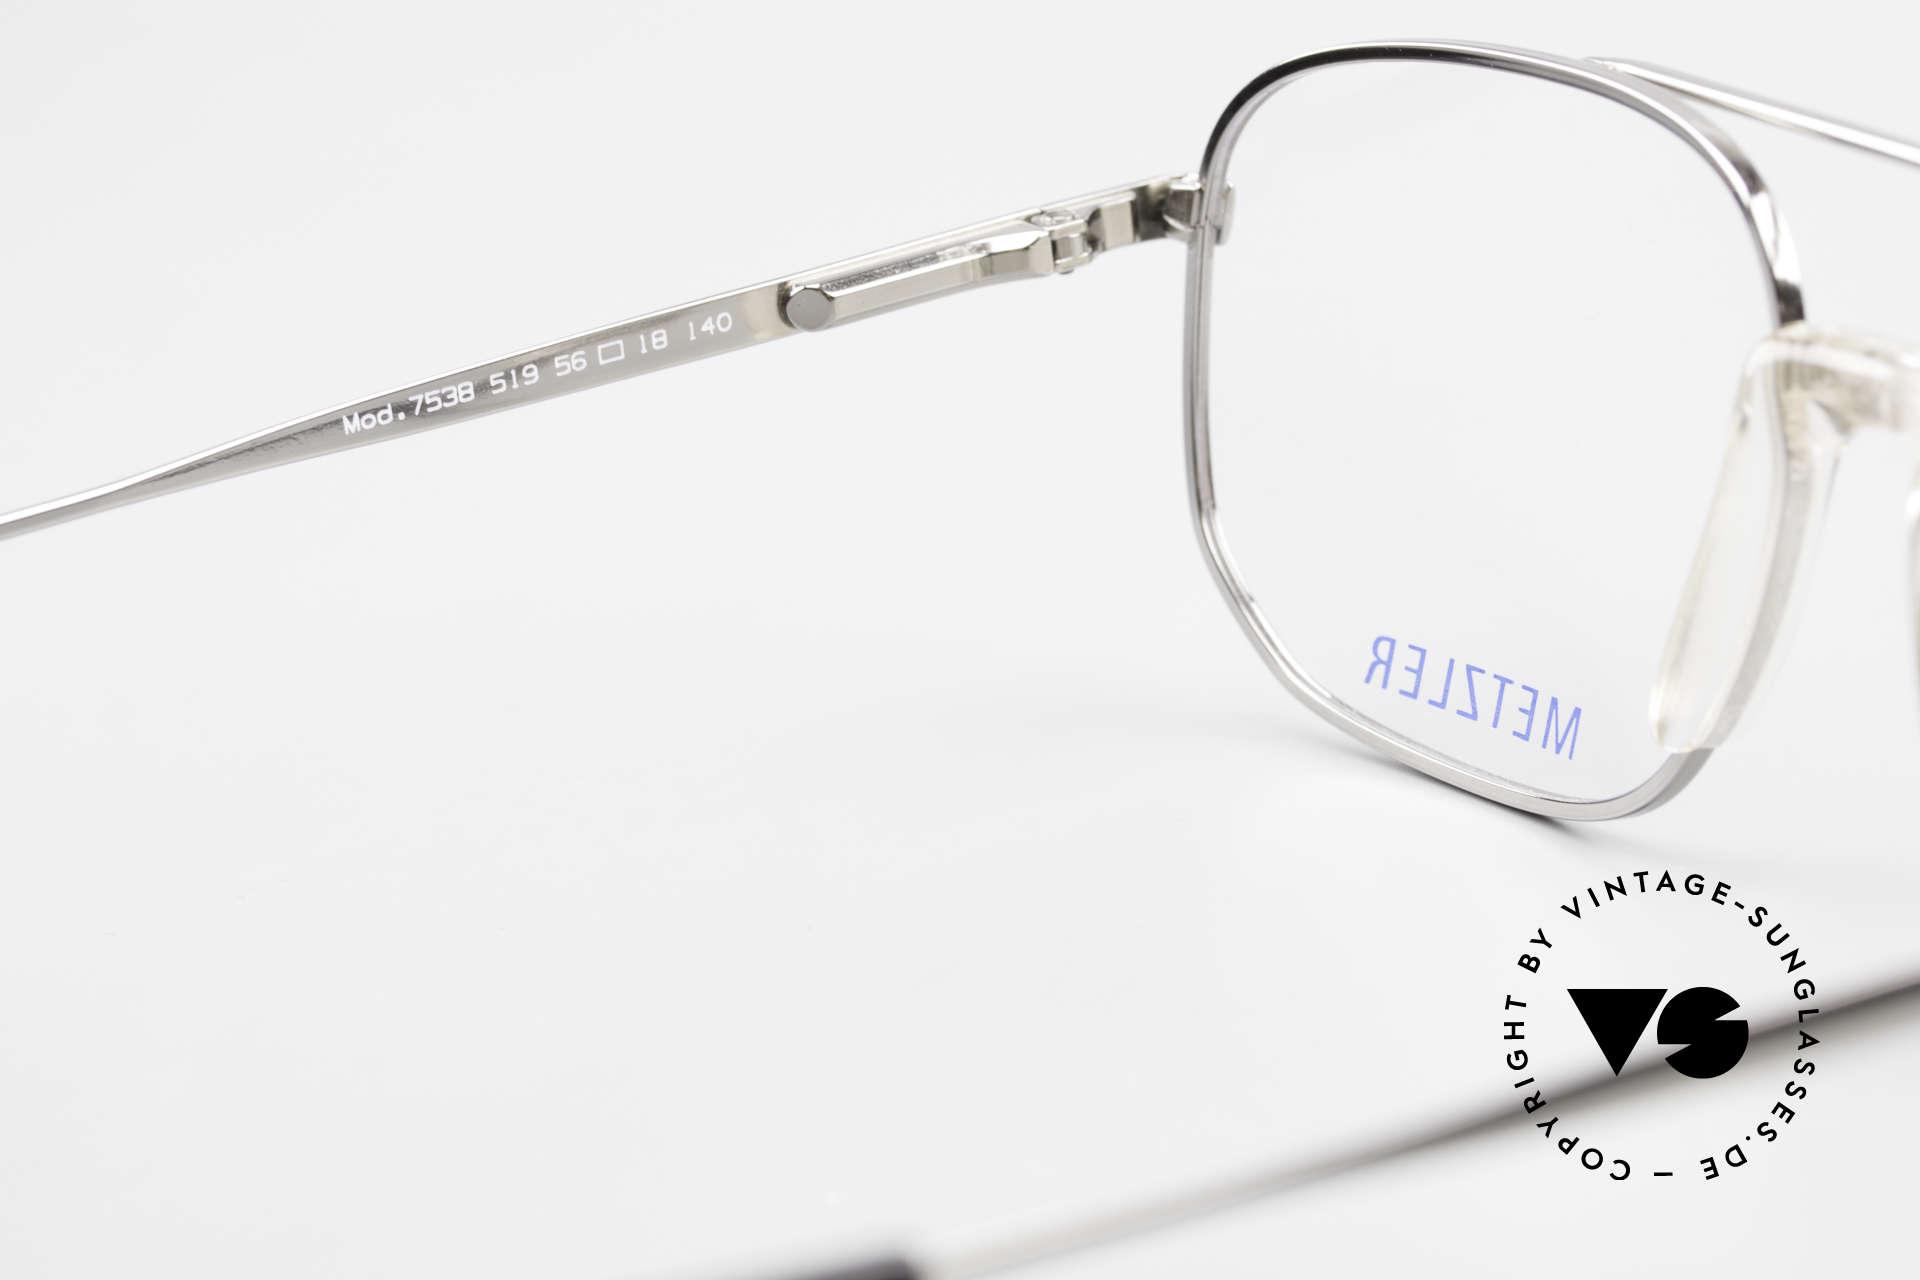 Metzler 7538 90er Metallbrille Mit Sattelsteg, subtiles Grau-Muster am Oberrand der Fassung, Passend für Herren